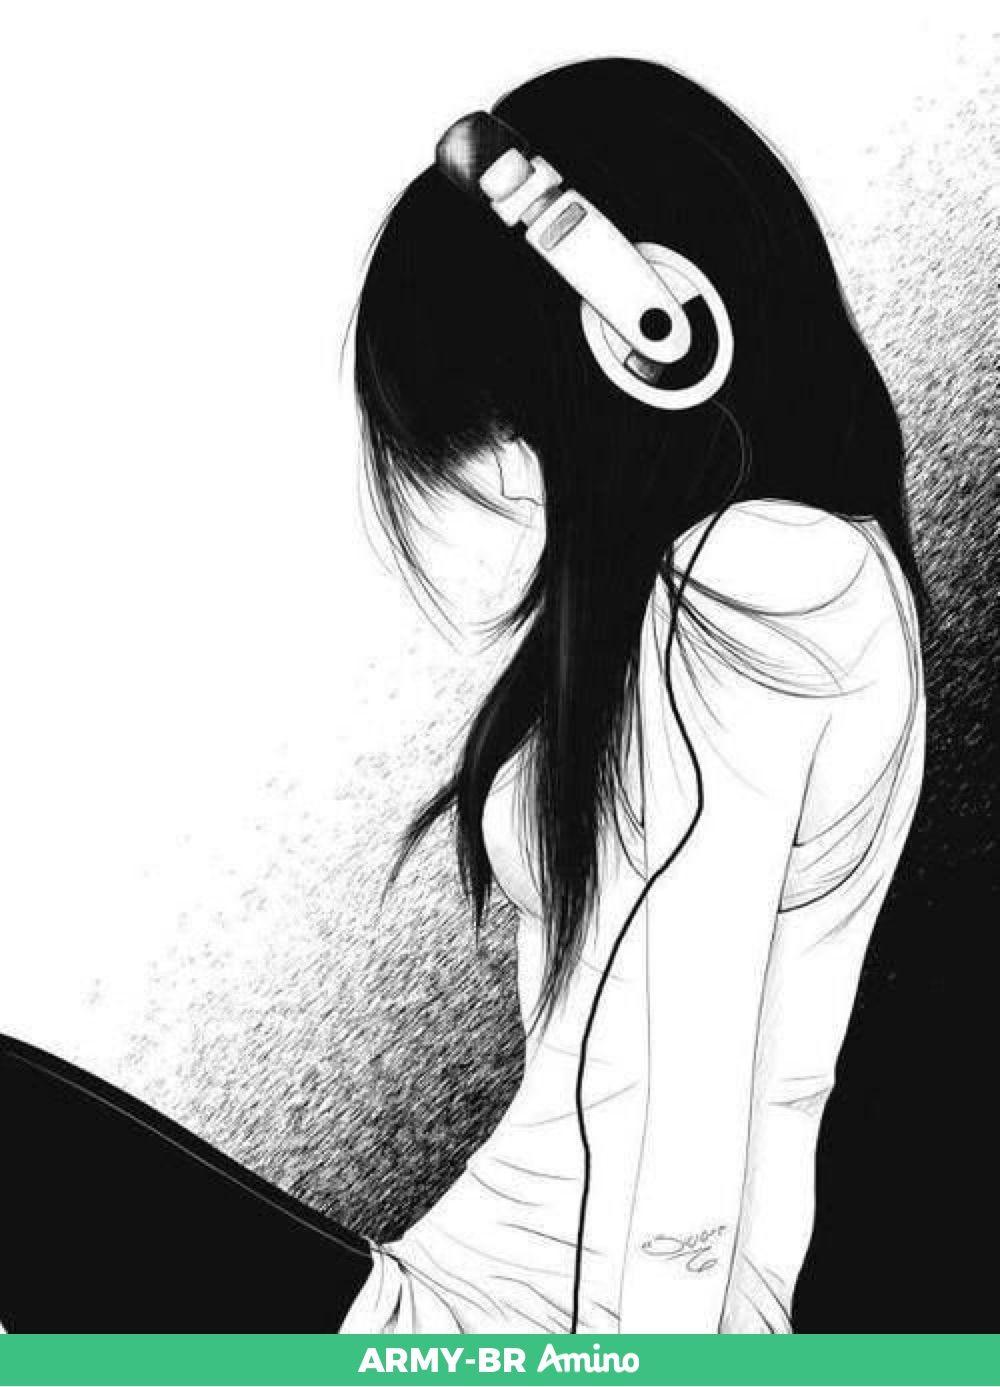 Dibujos Chica De Anime Llorando Arte Emo Imagenes De Chicas Tristes